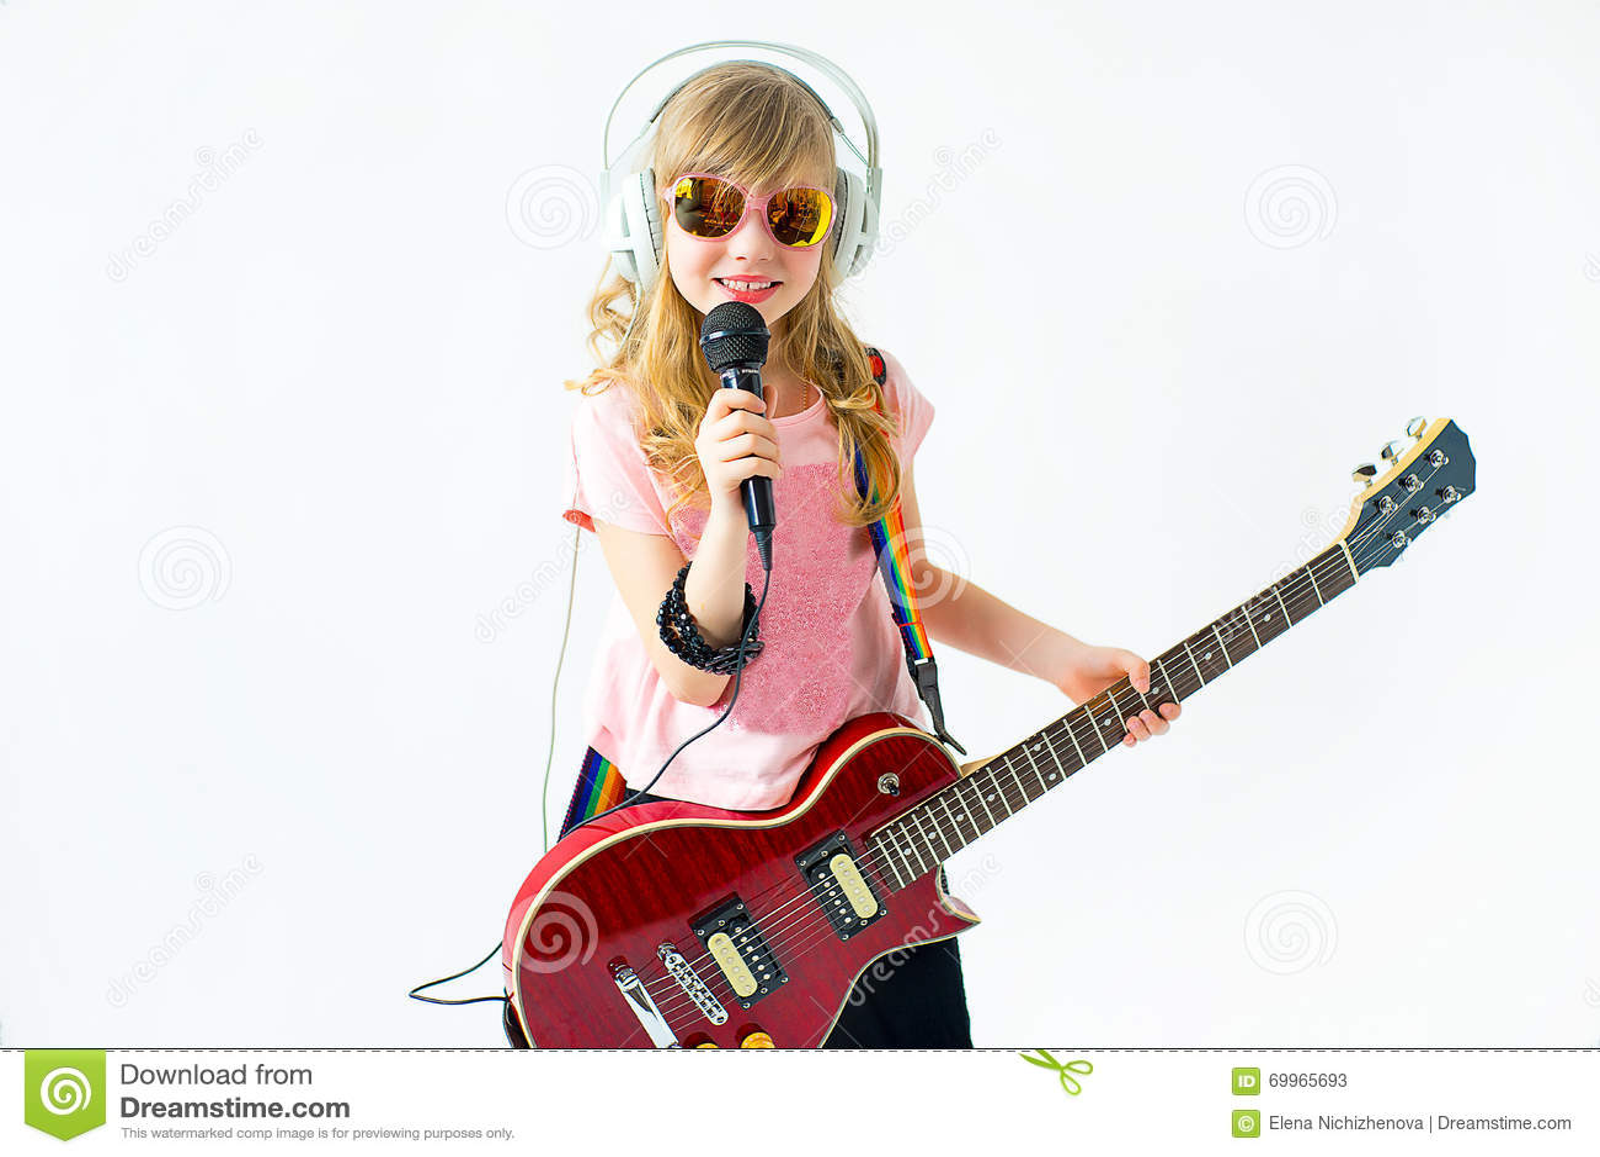 little girl song: